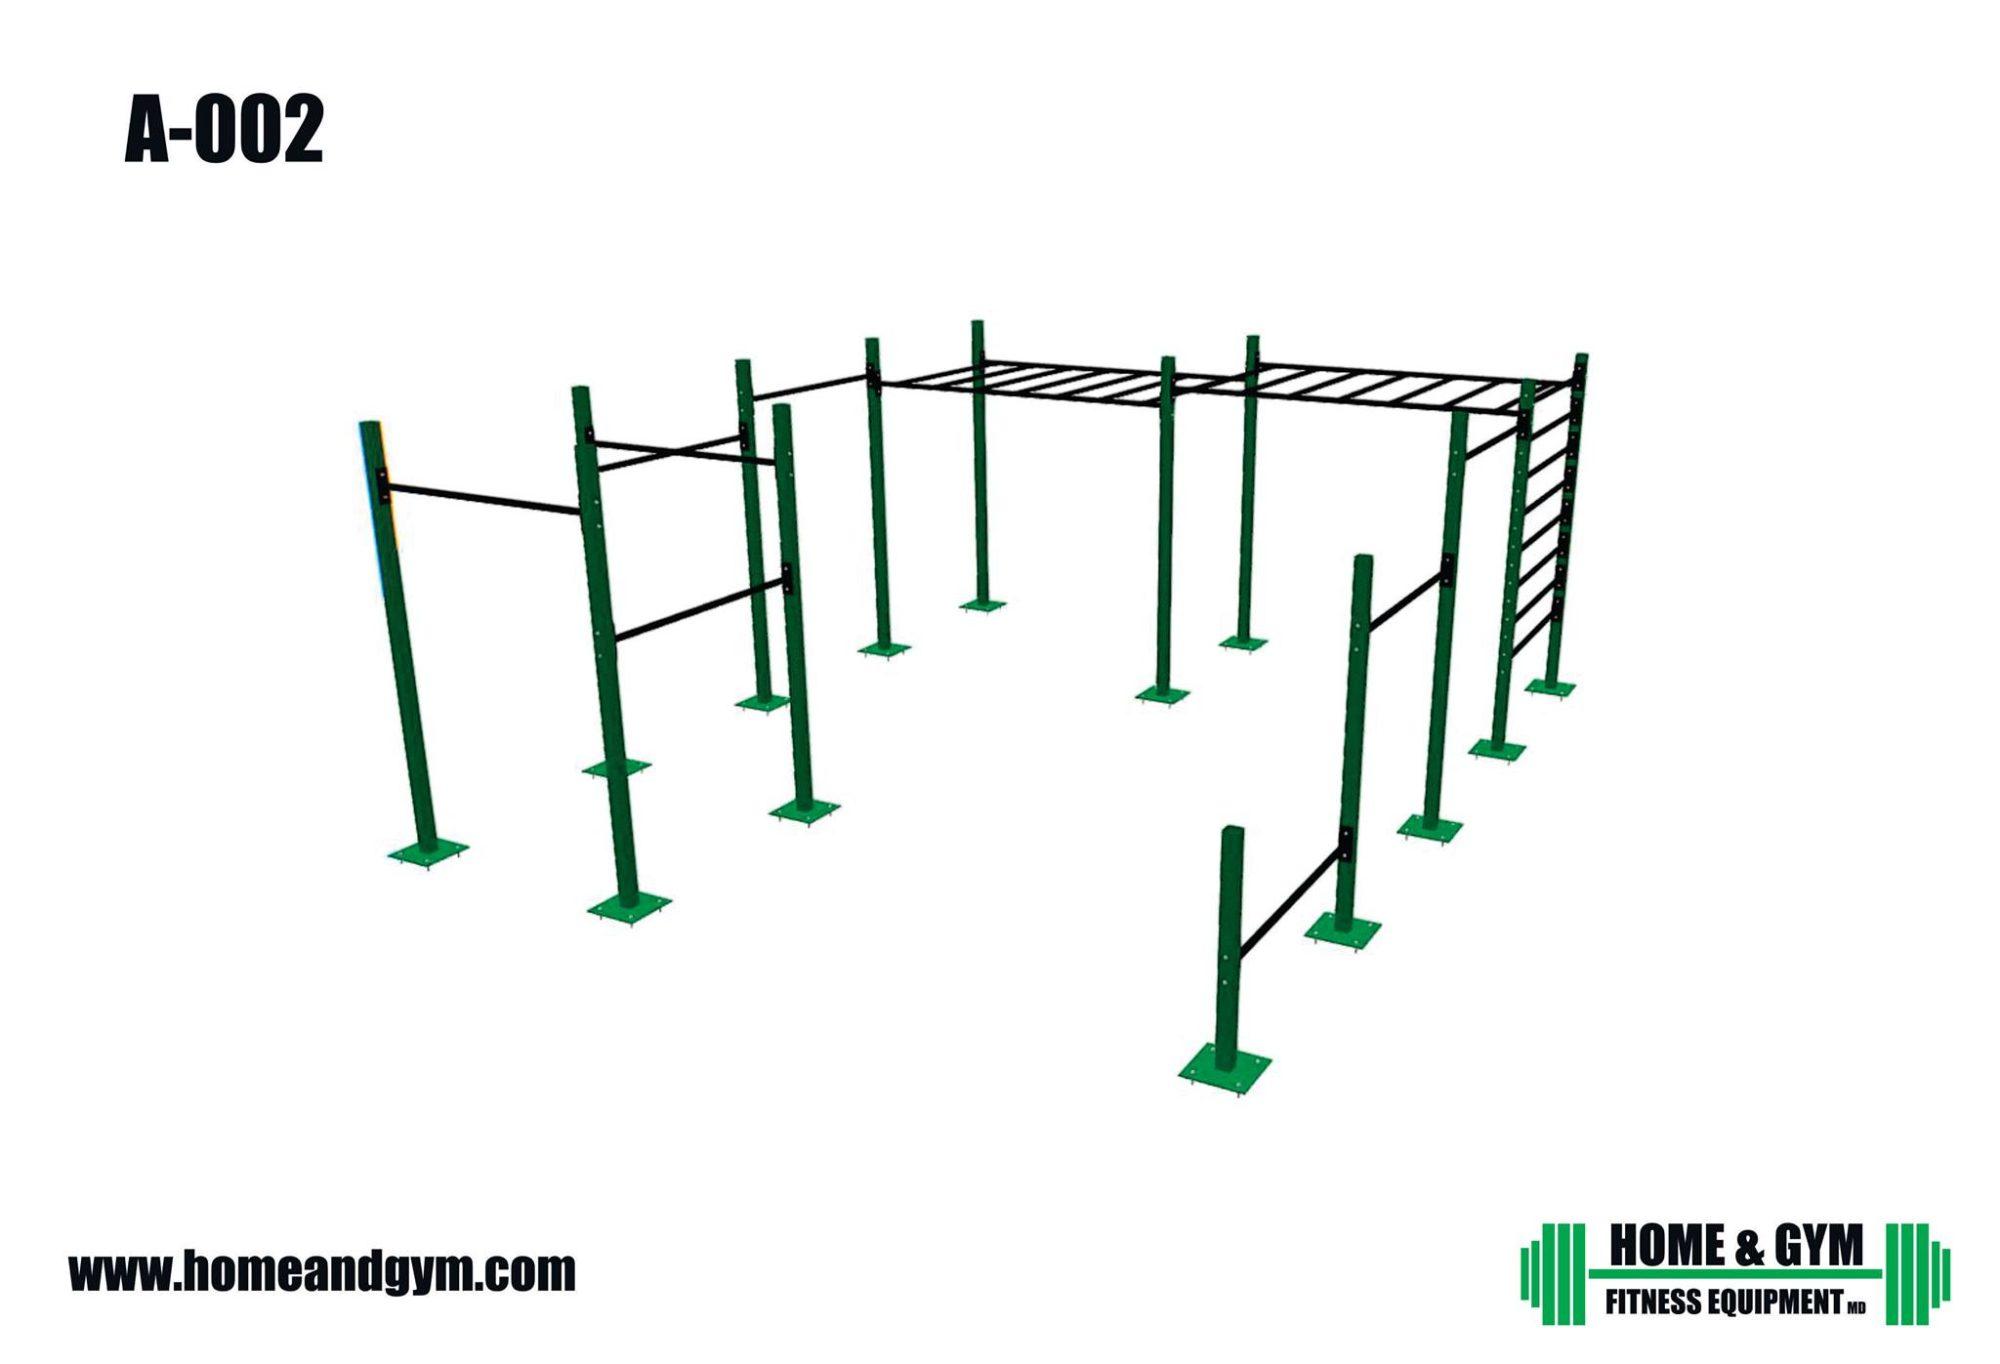 Equipo para gimnasio, parque urbano.